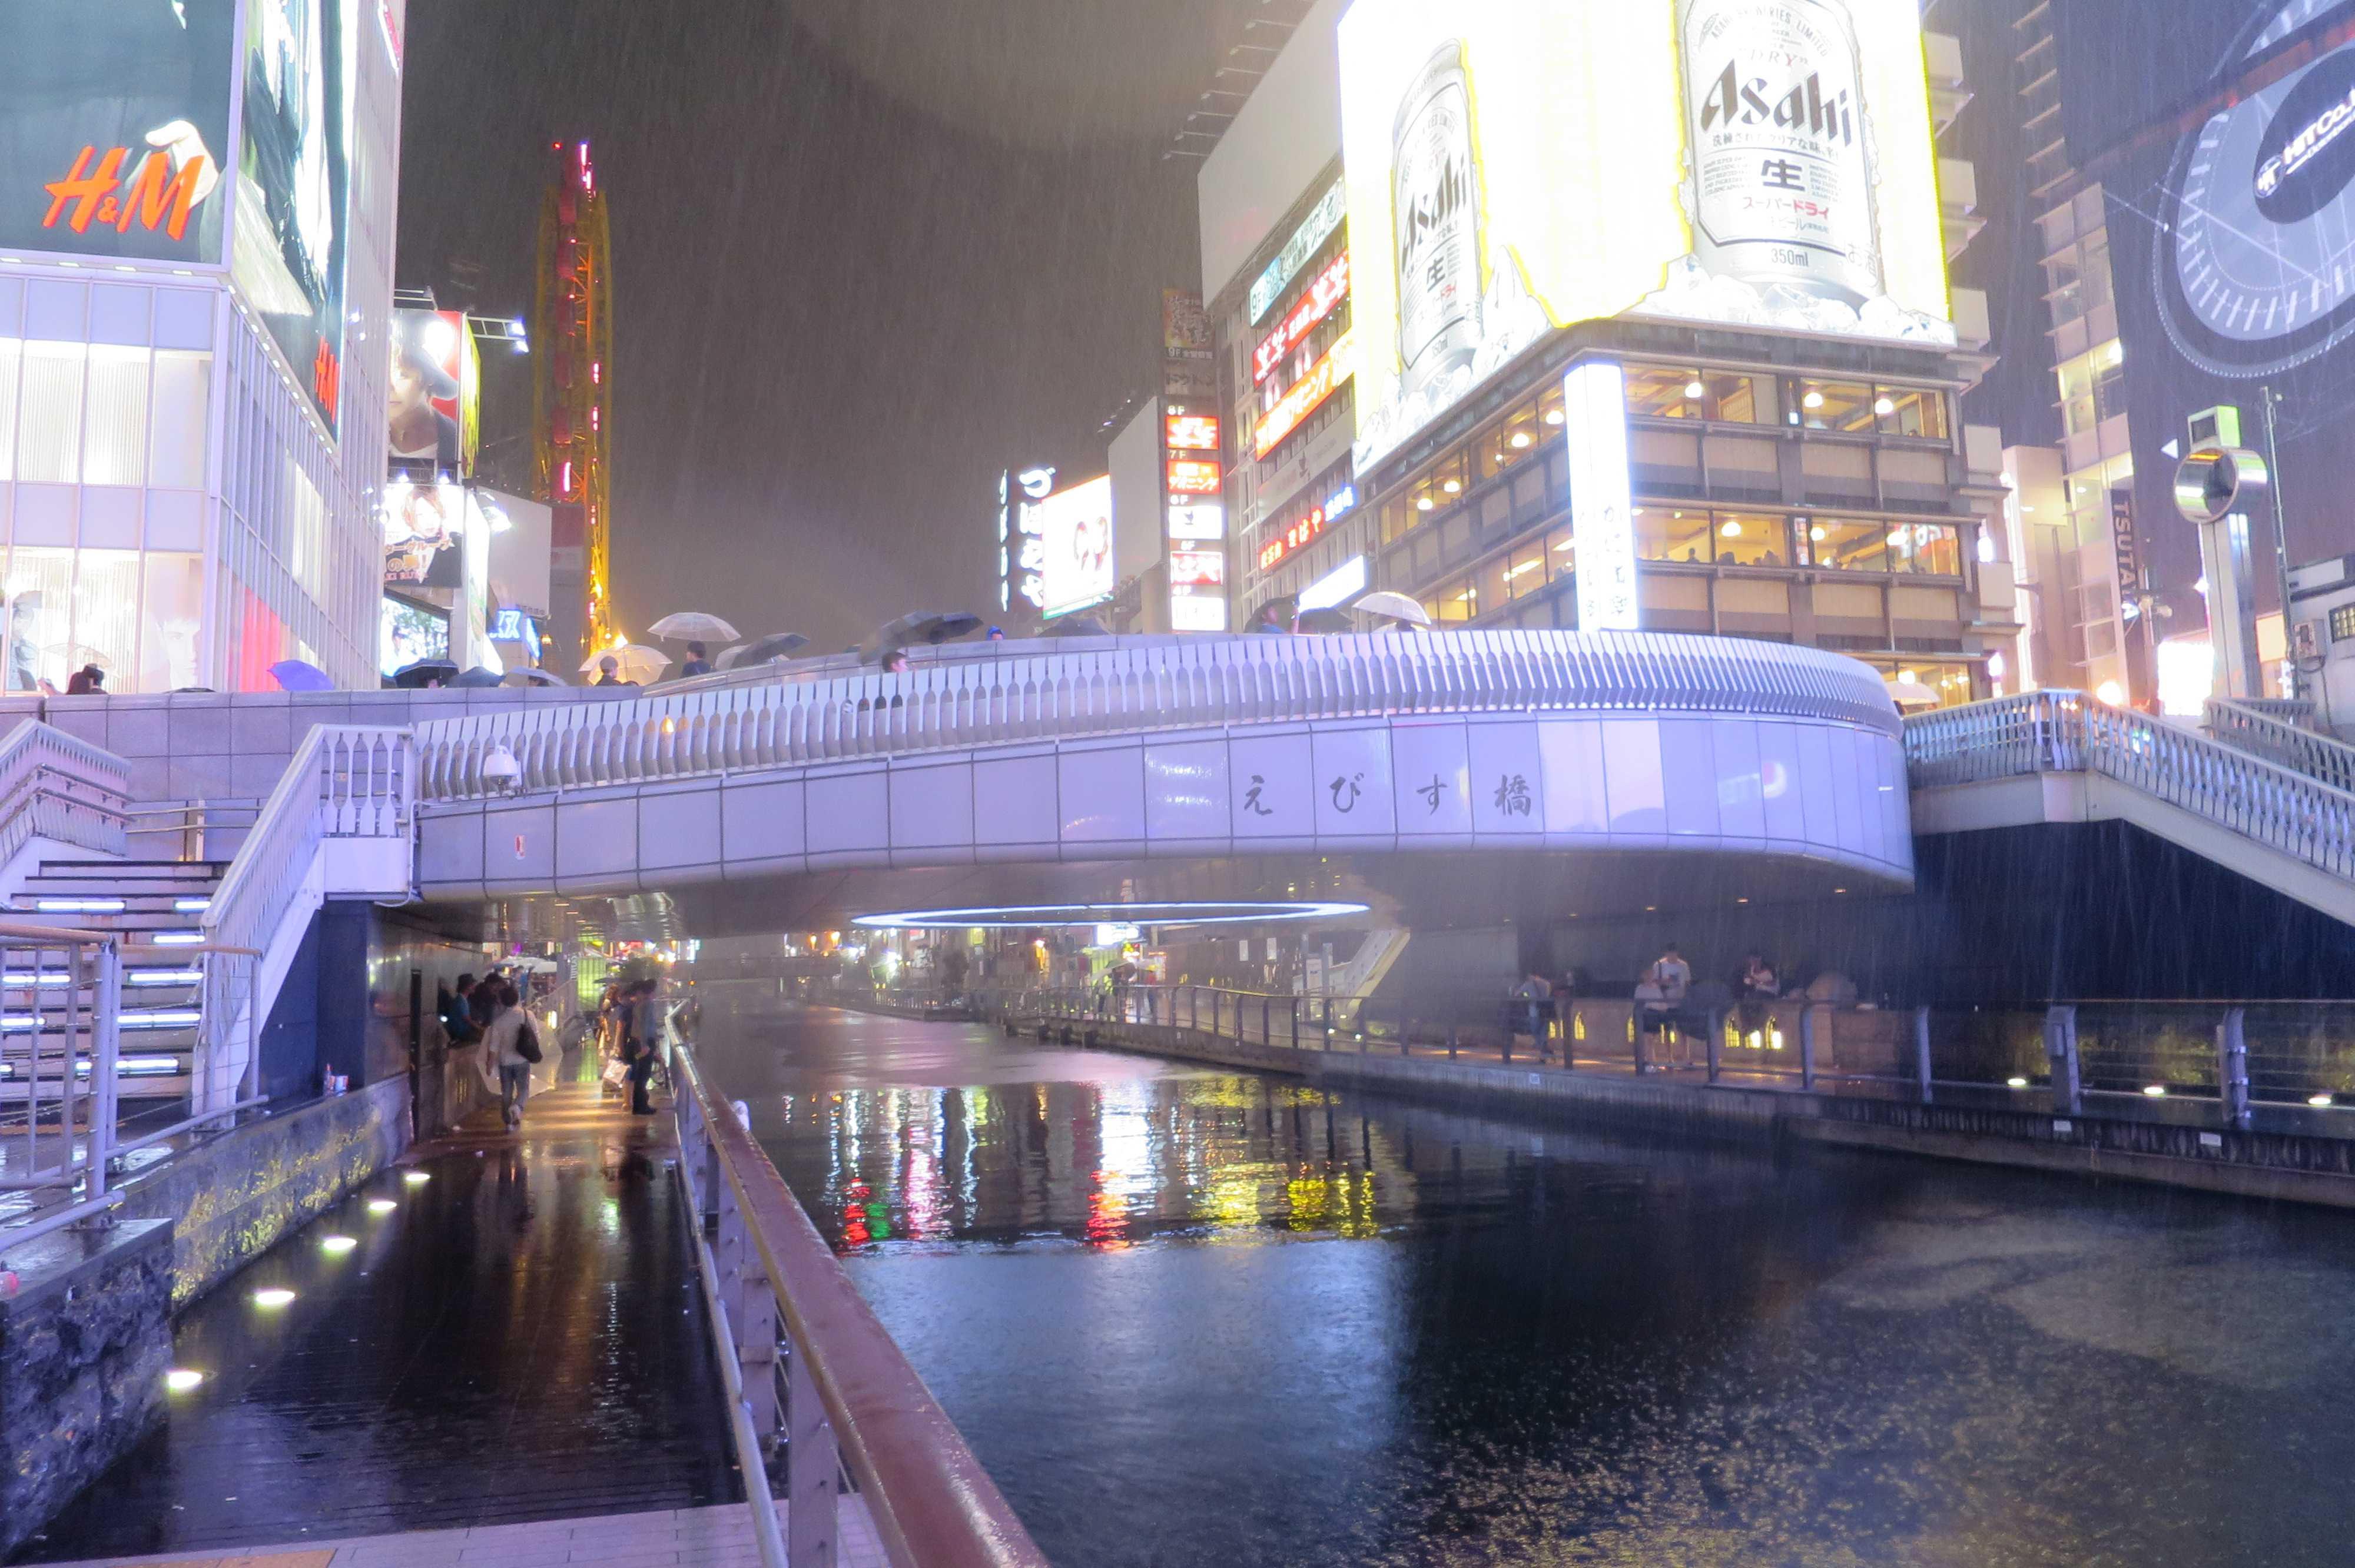 大阪・道頓堀 - えびす橋(ひっかけ橋)の夜景